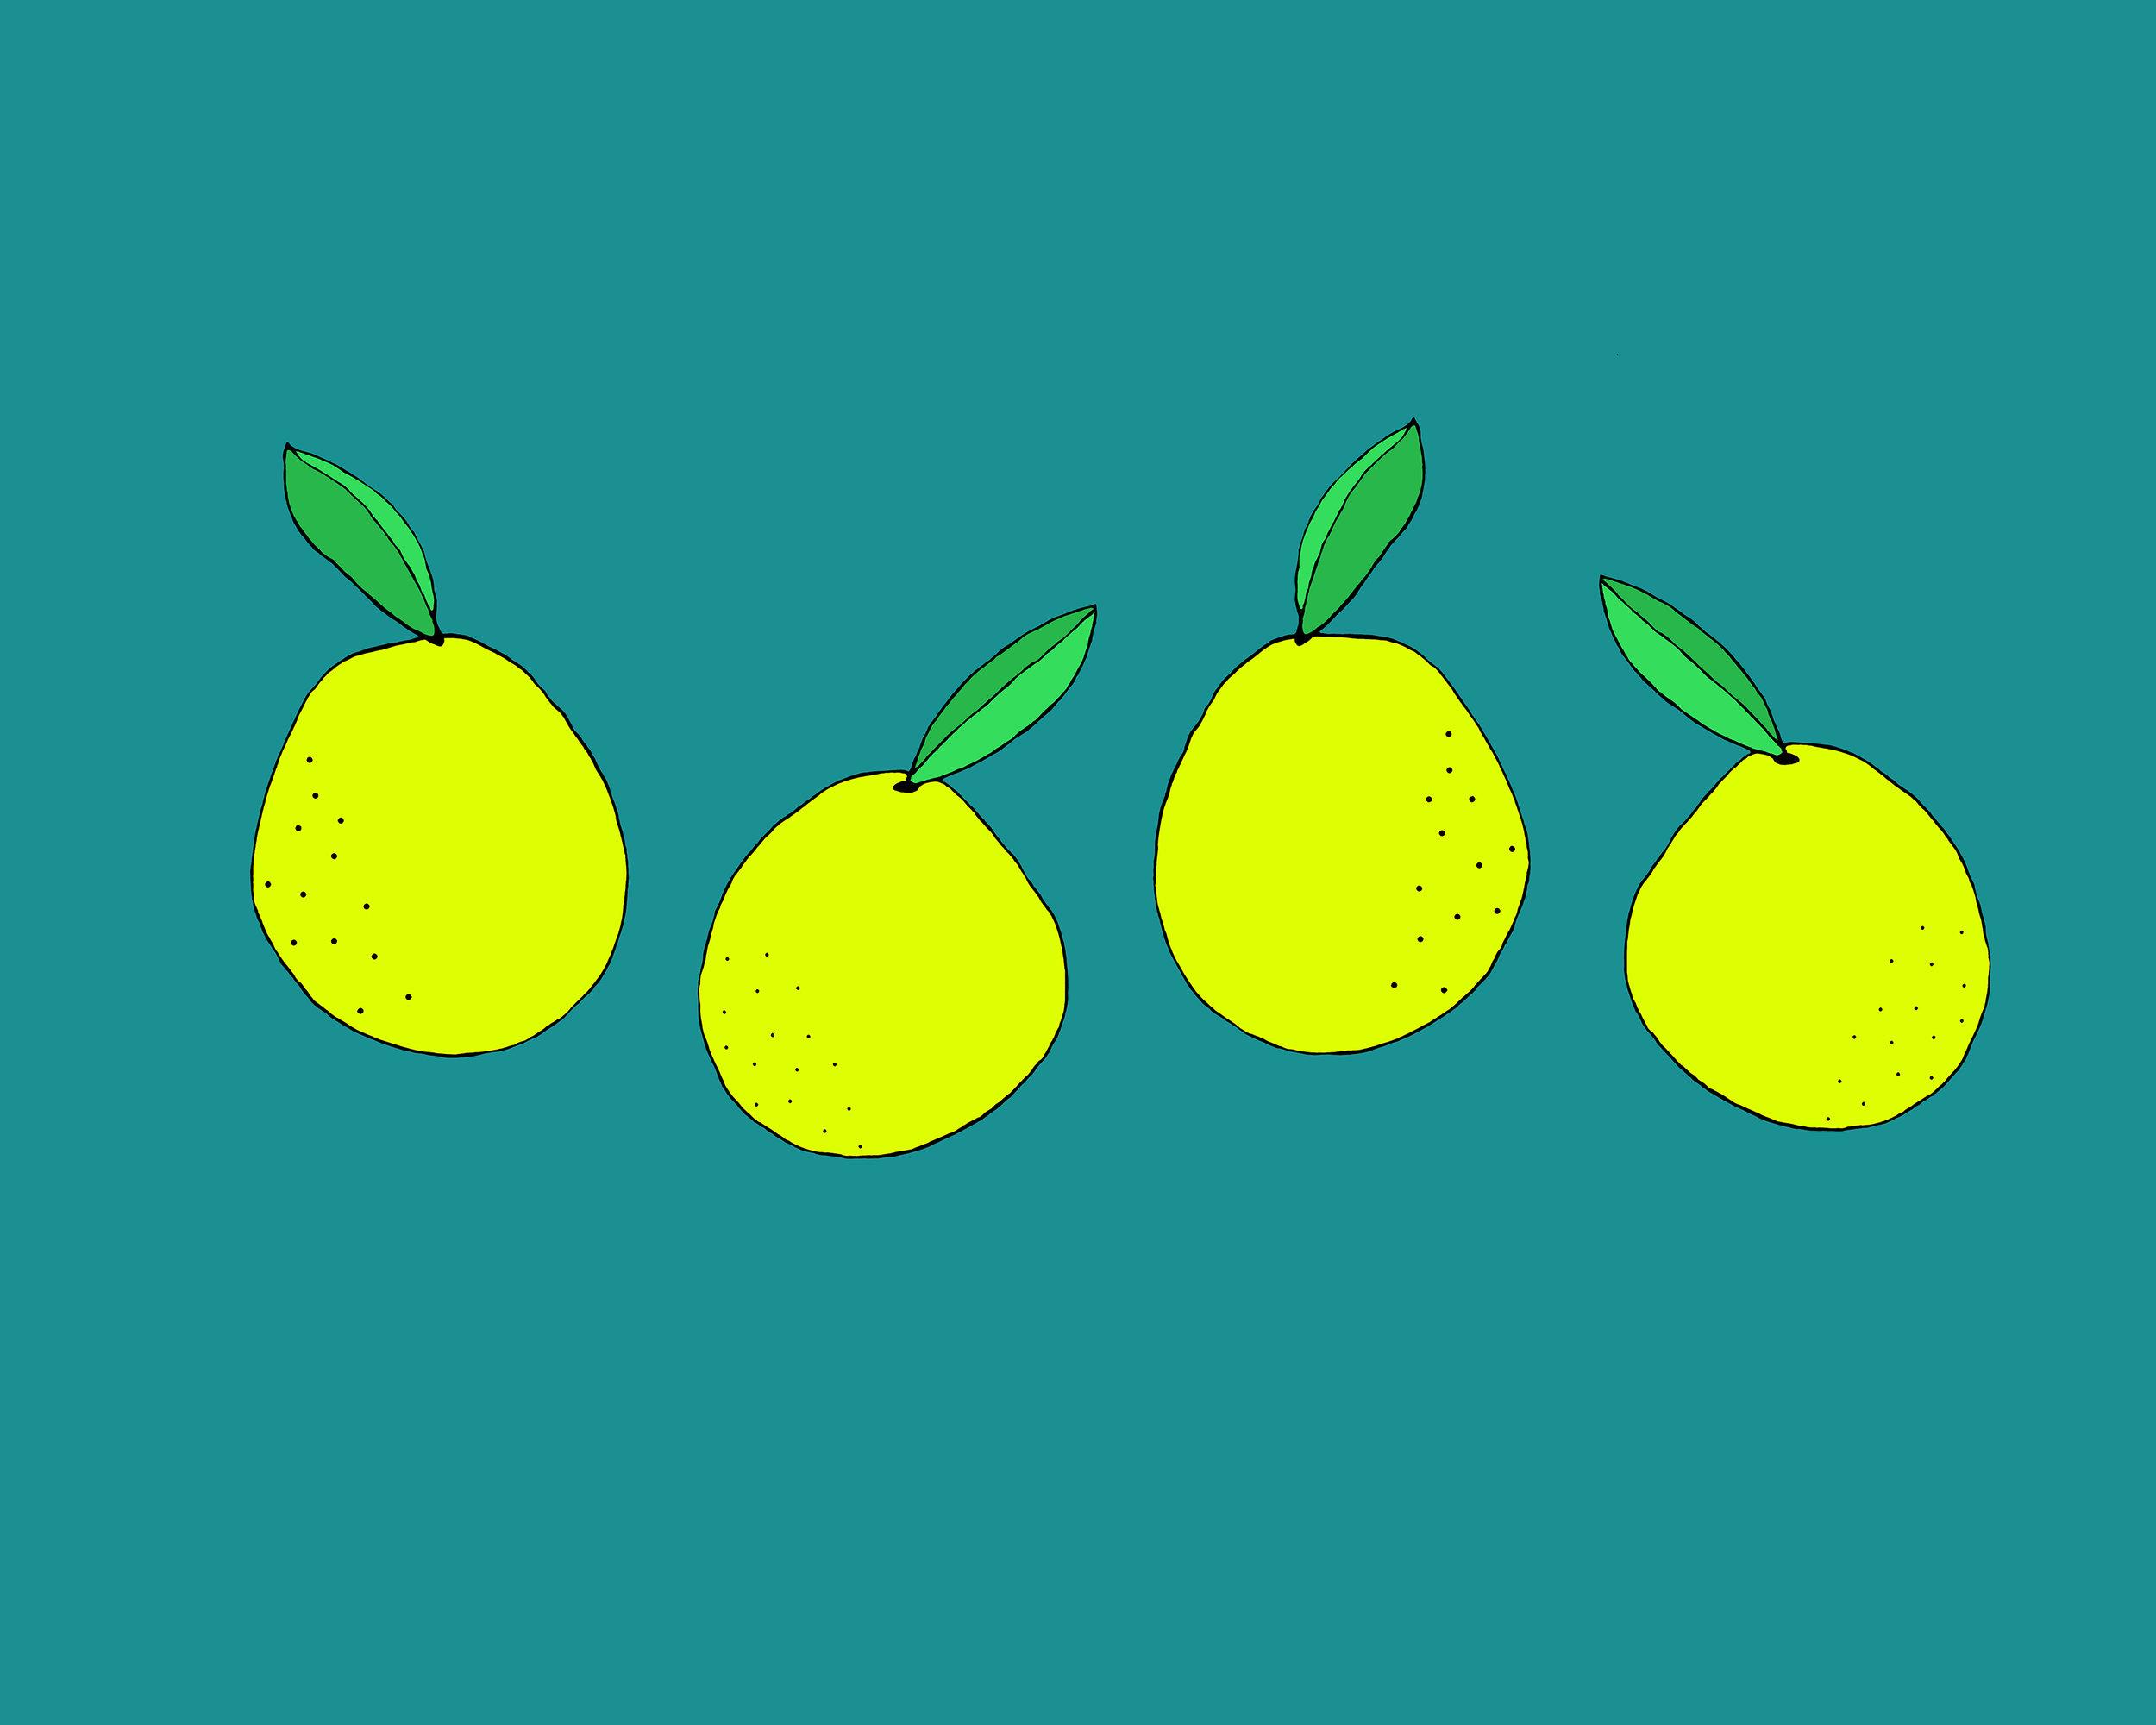 Pear Illustration by Emma Freeman Designs